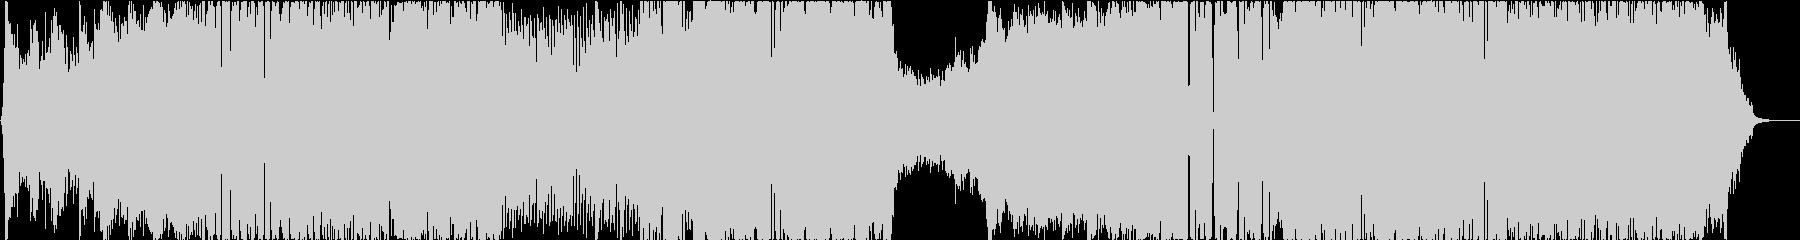 ダークなシネマティック戦闘曲の未再生の波形